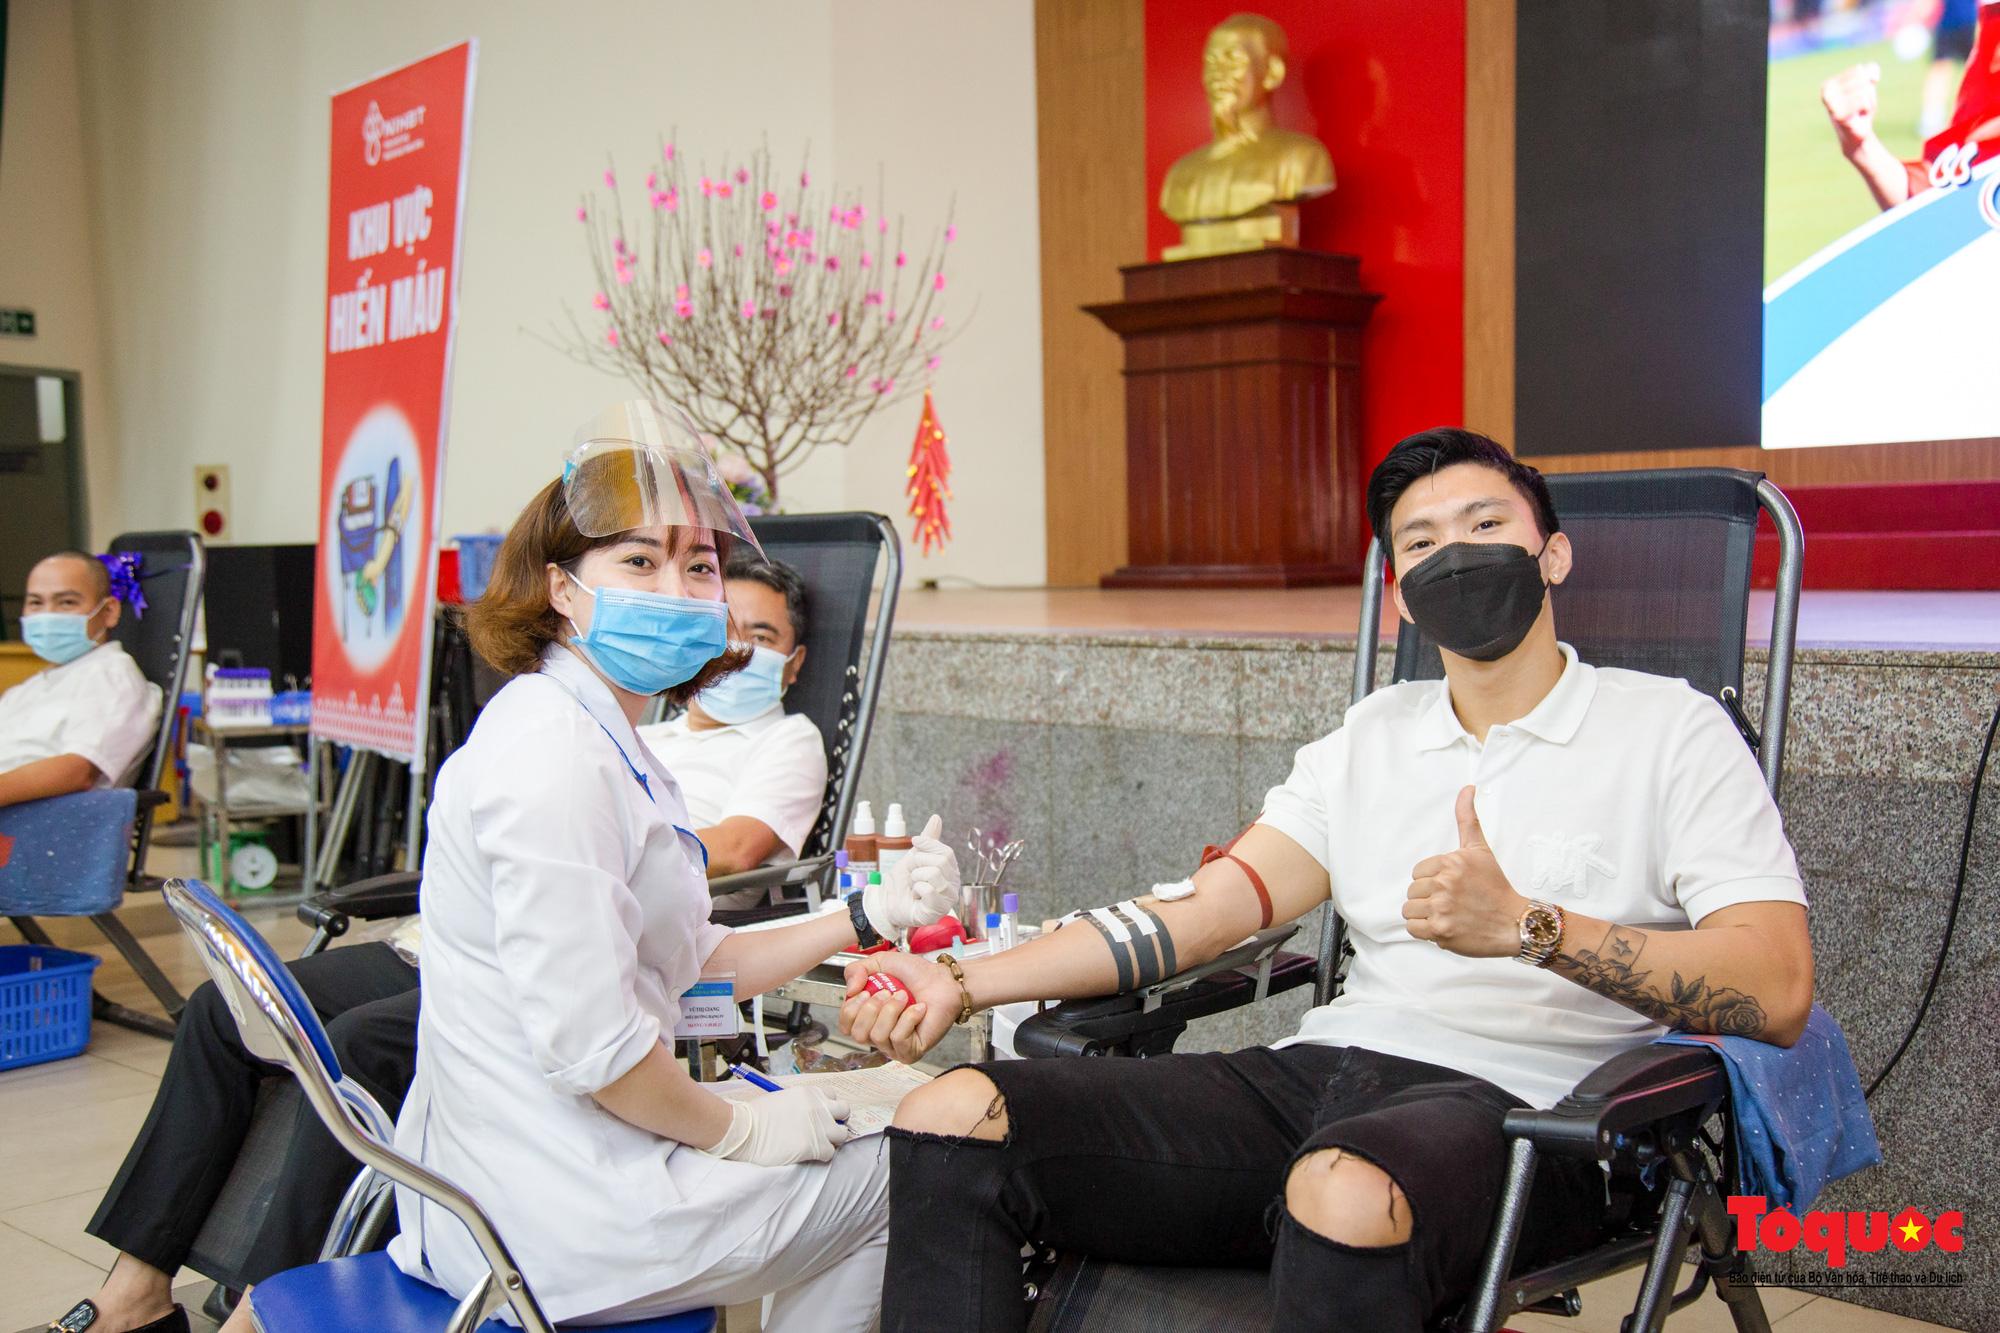 Bộ VHTTDL đẩy mạnh Hiến máu tình nguyện, đảm bảo an toàn và phòng, chống dịch bệnh COVID-19 - Ảnh 1.